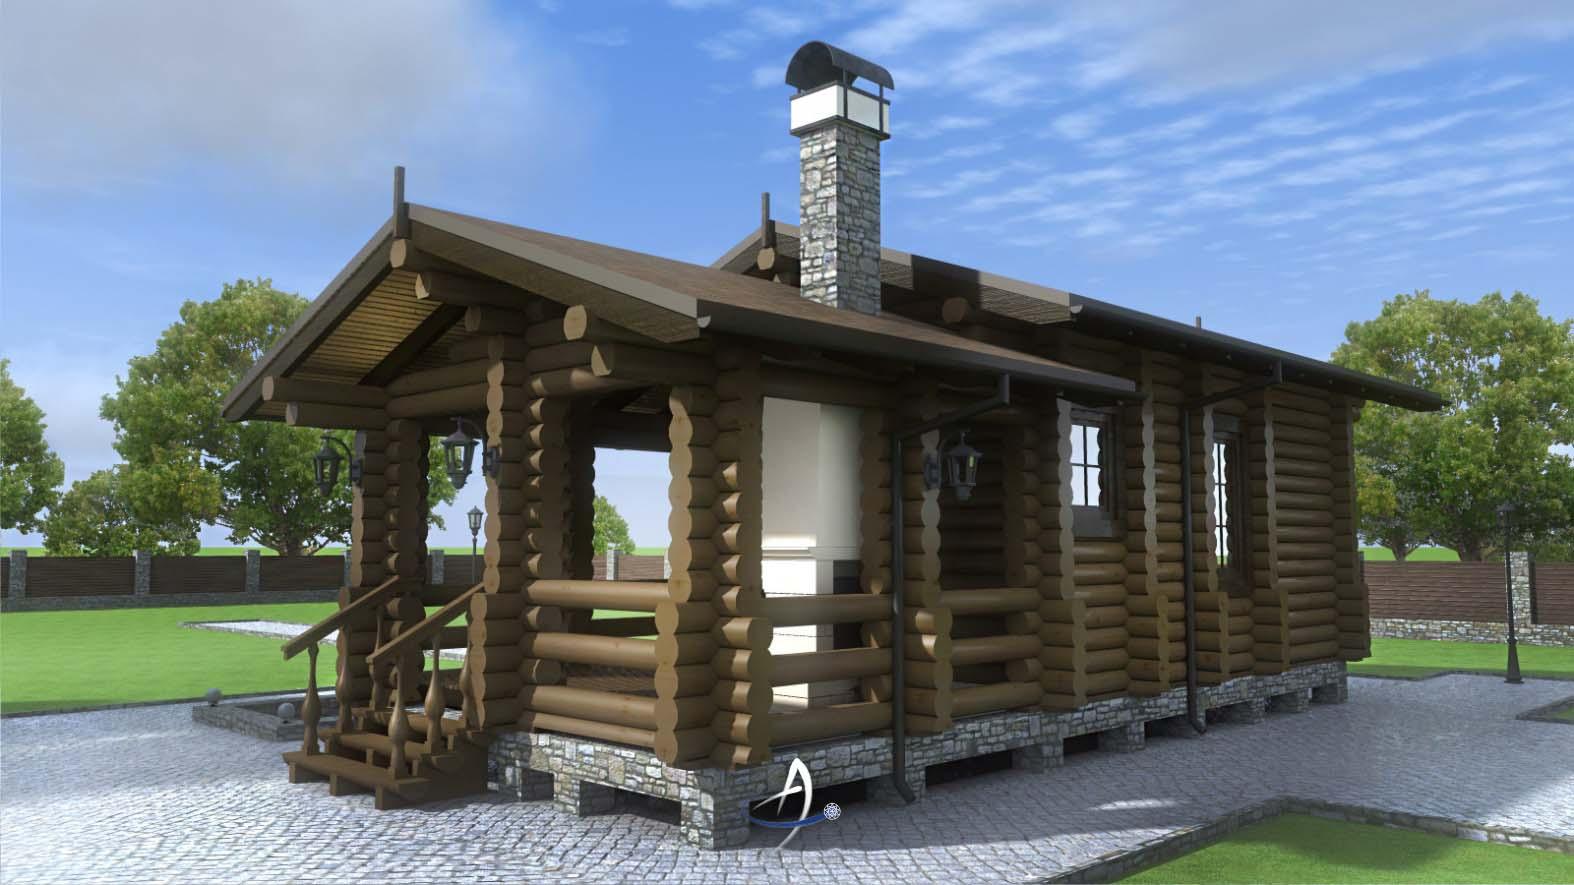 Баня с беседкой - правила и рекомендации по строительству на загородном участке в примерах на фото и видео